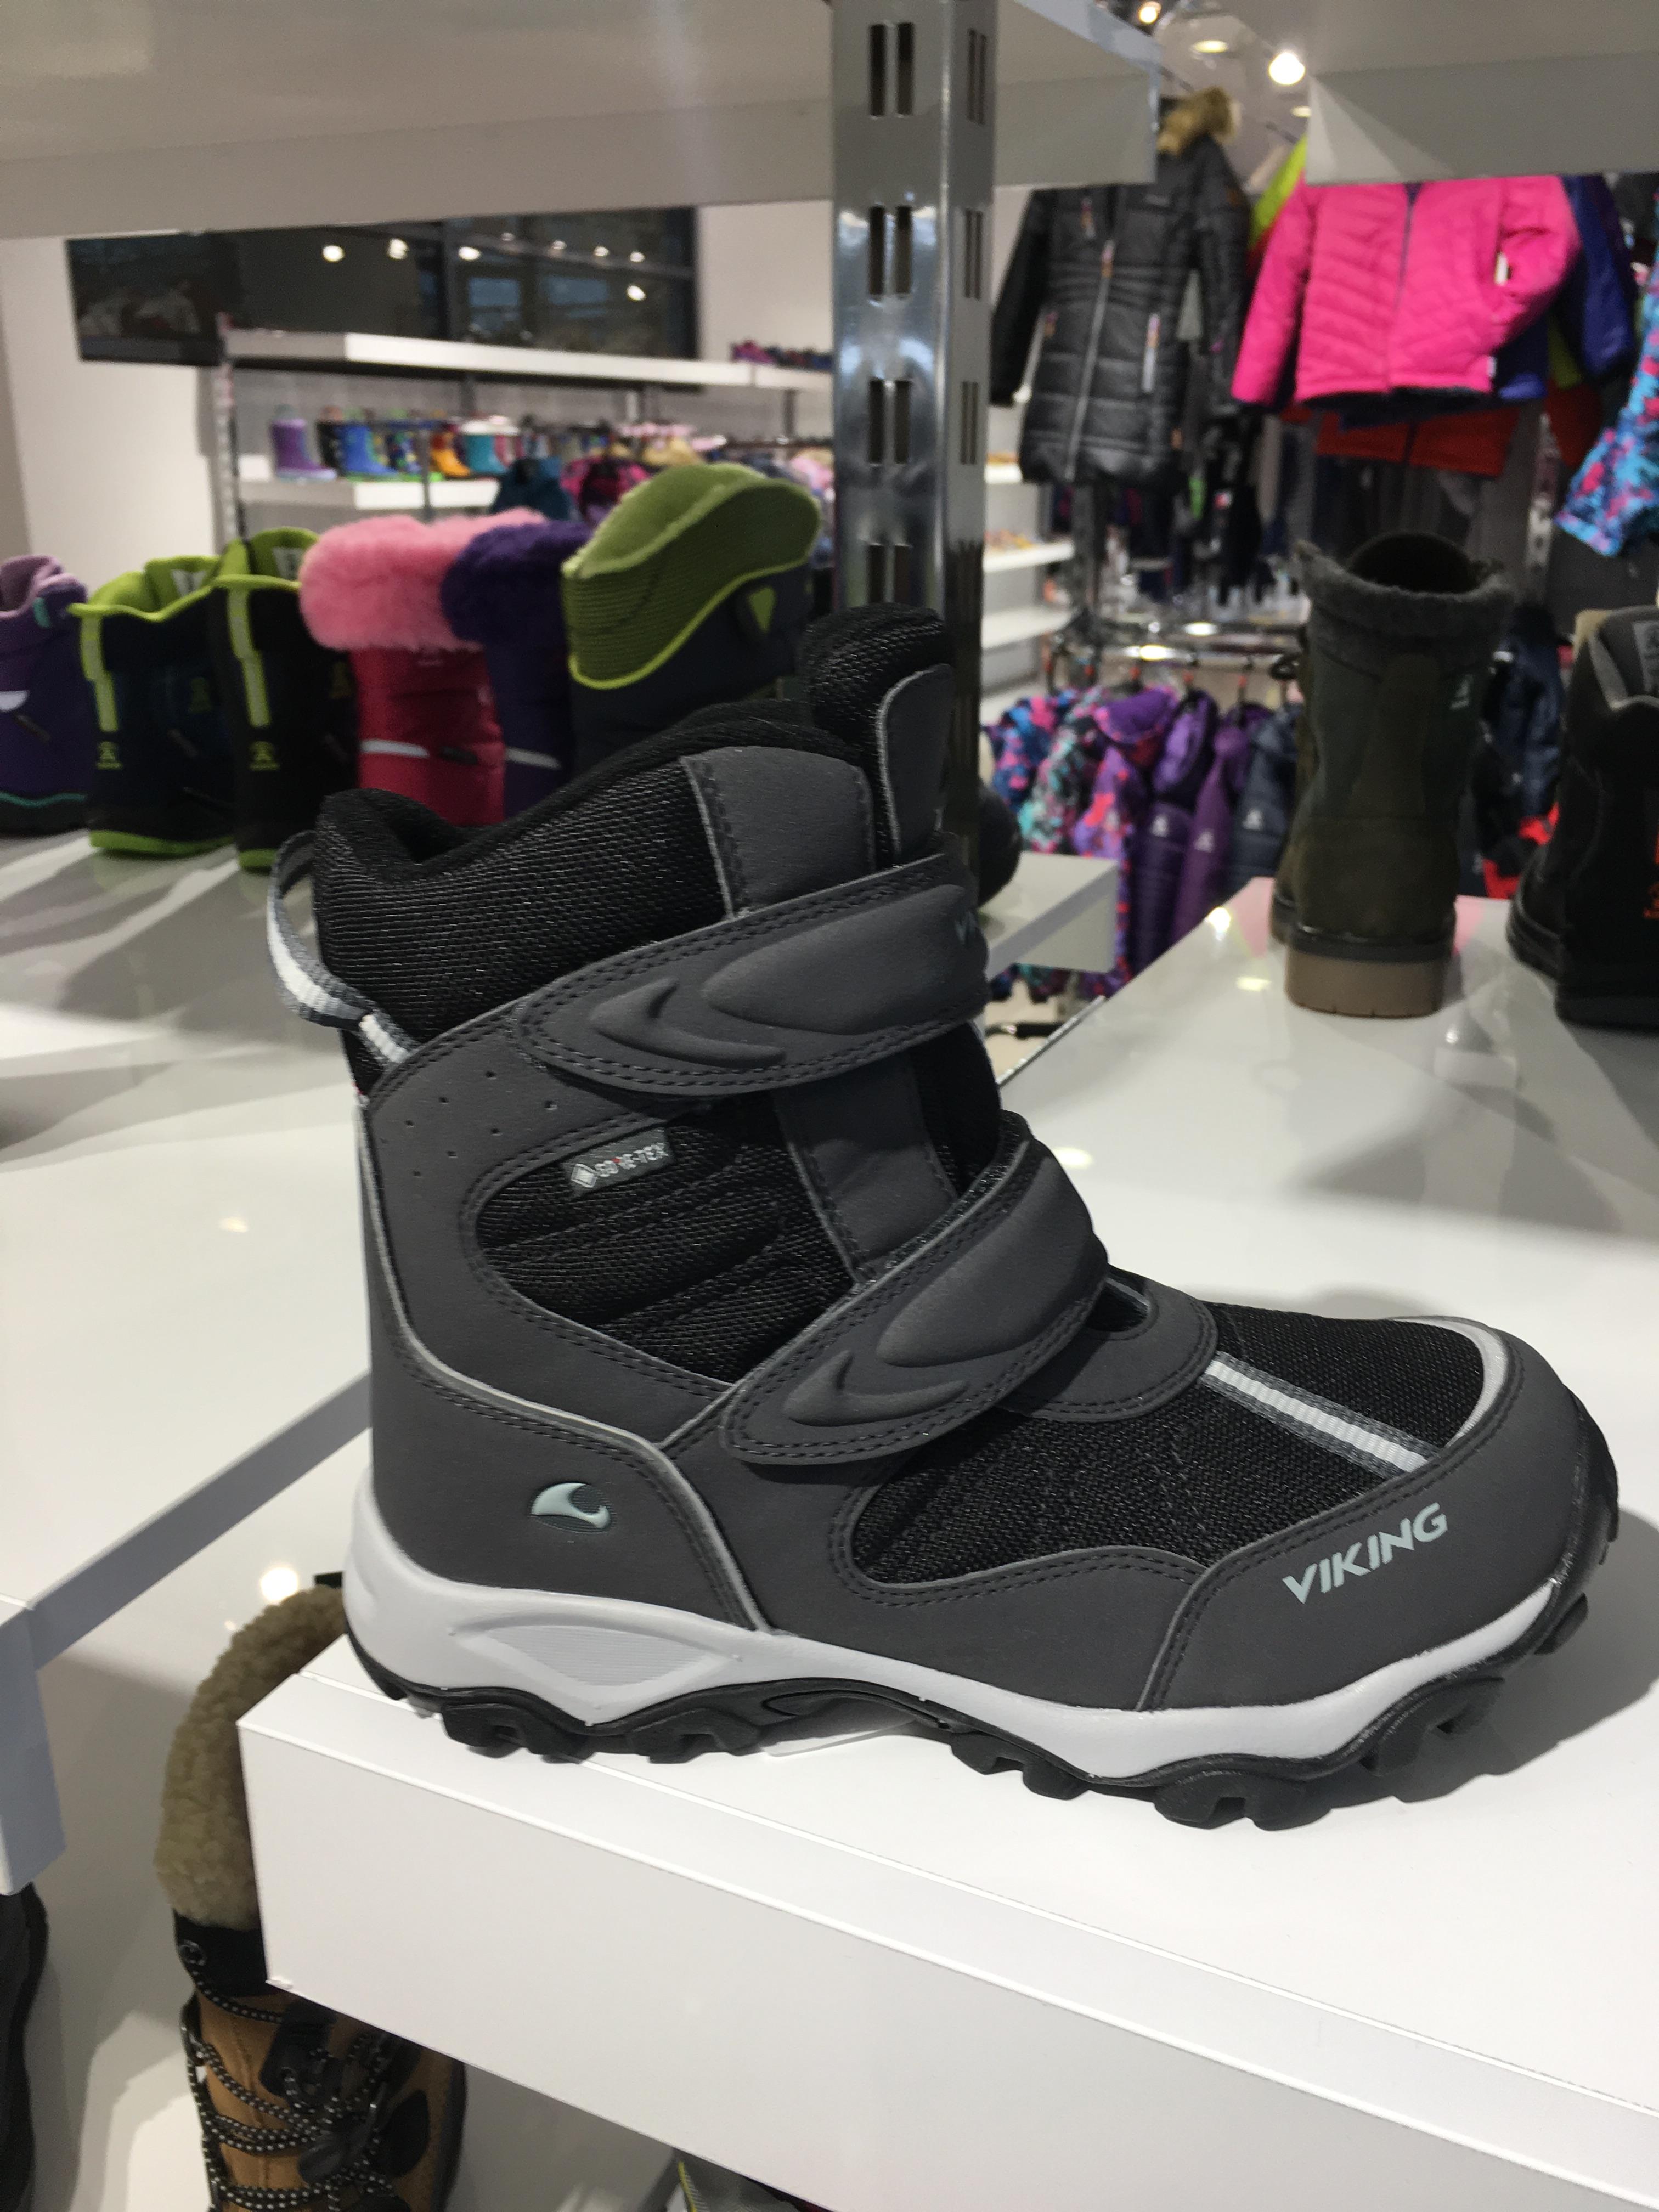 детская обувь Викинг с доставкой по России, купить зимние ботинки Viking со скидкой